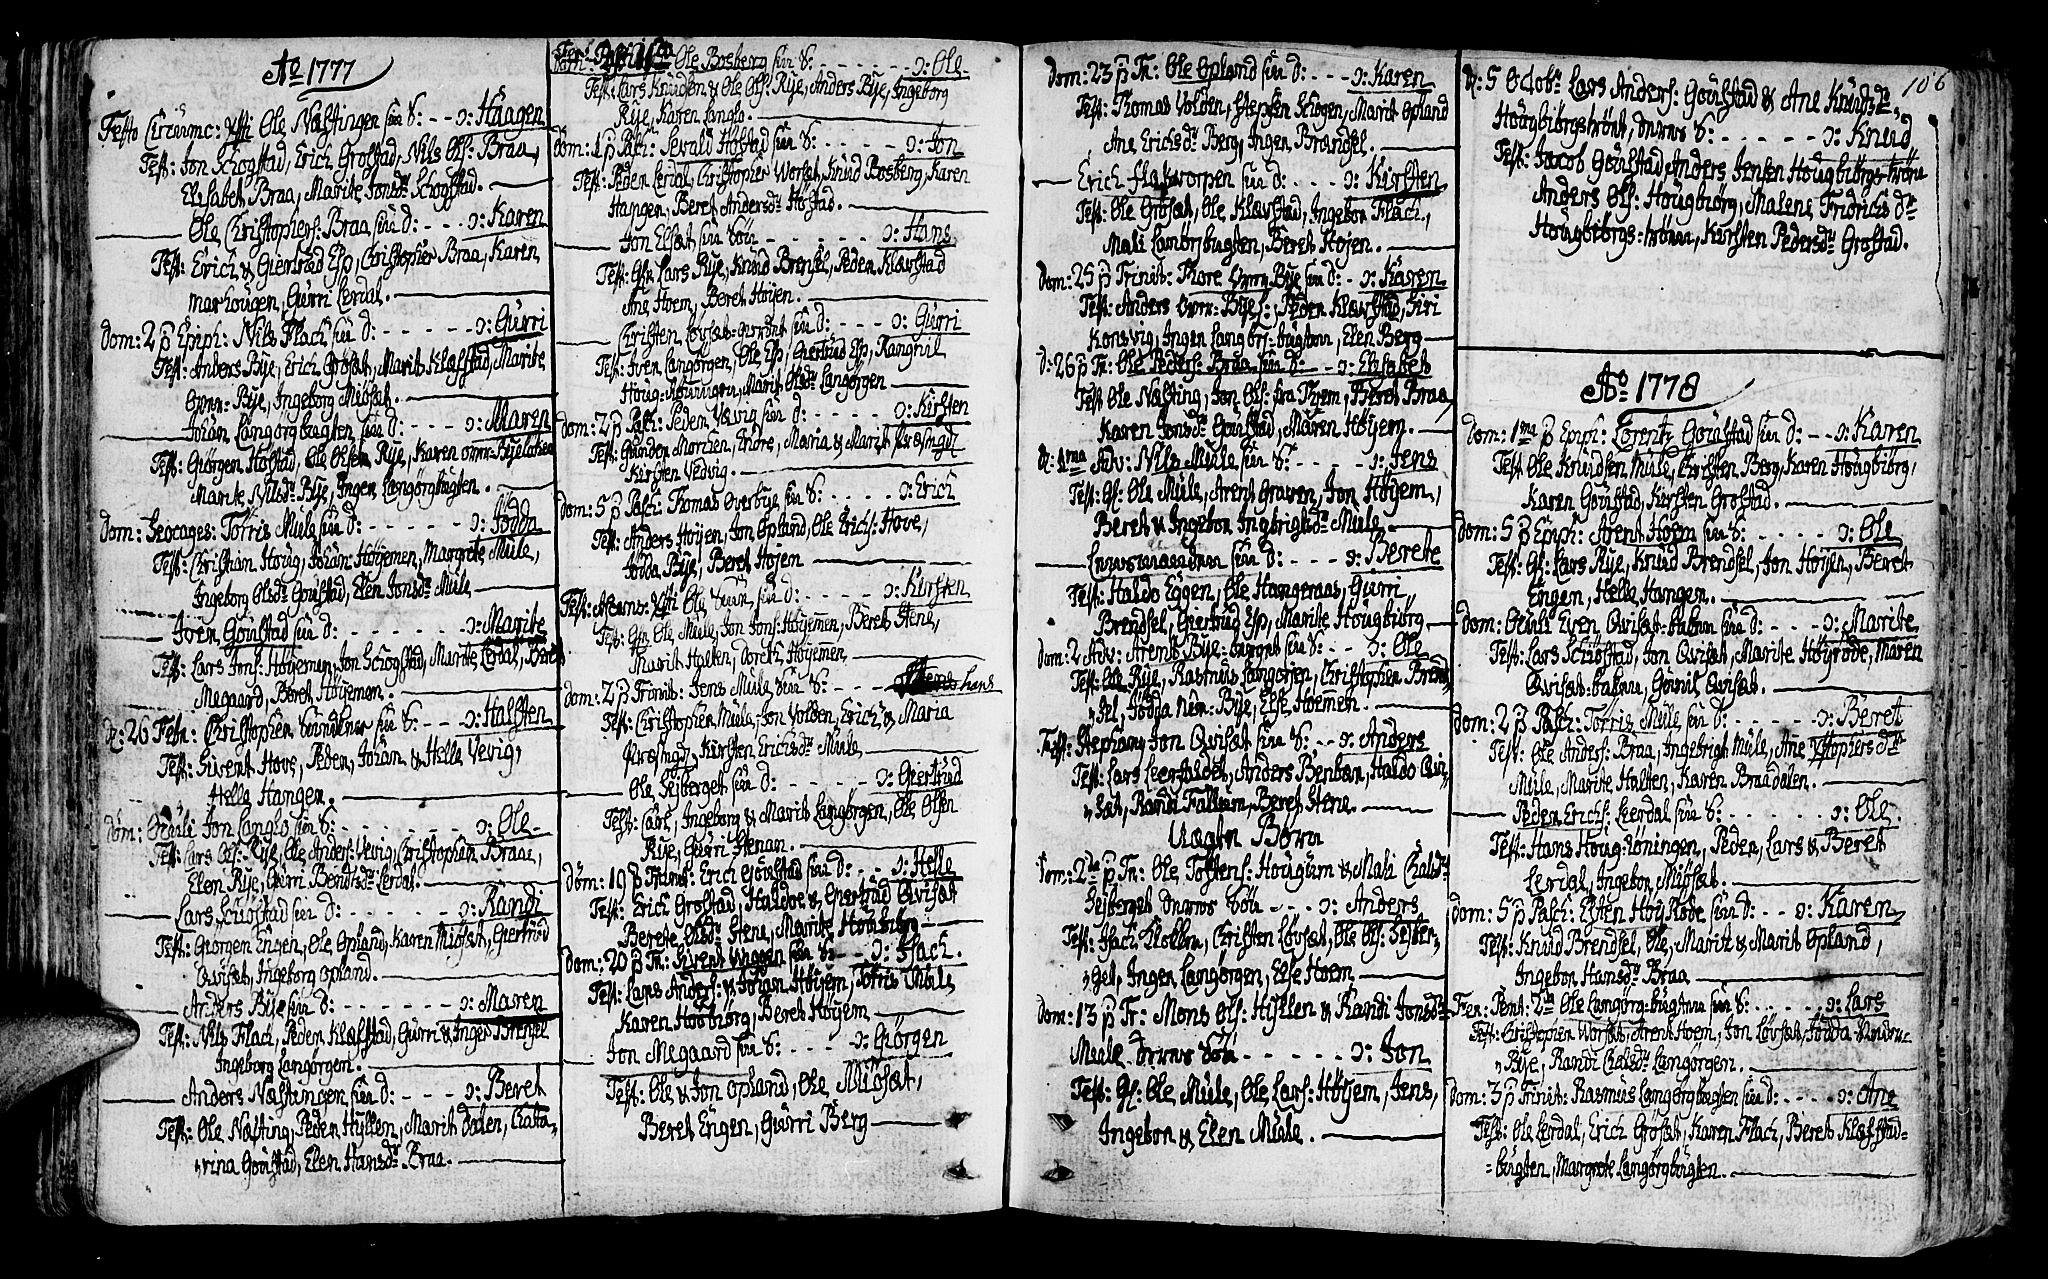 SAT, Ministerialprotokoller, klokkerbøker og fødselsregistre - Sør-Trøndelag, 612/L0370: Ministerialbok nr. 612A04, 1754-1802, s. 106